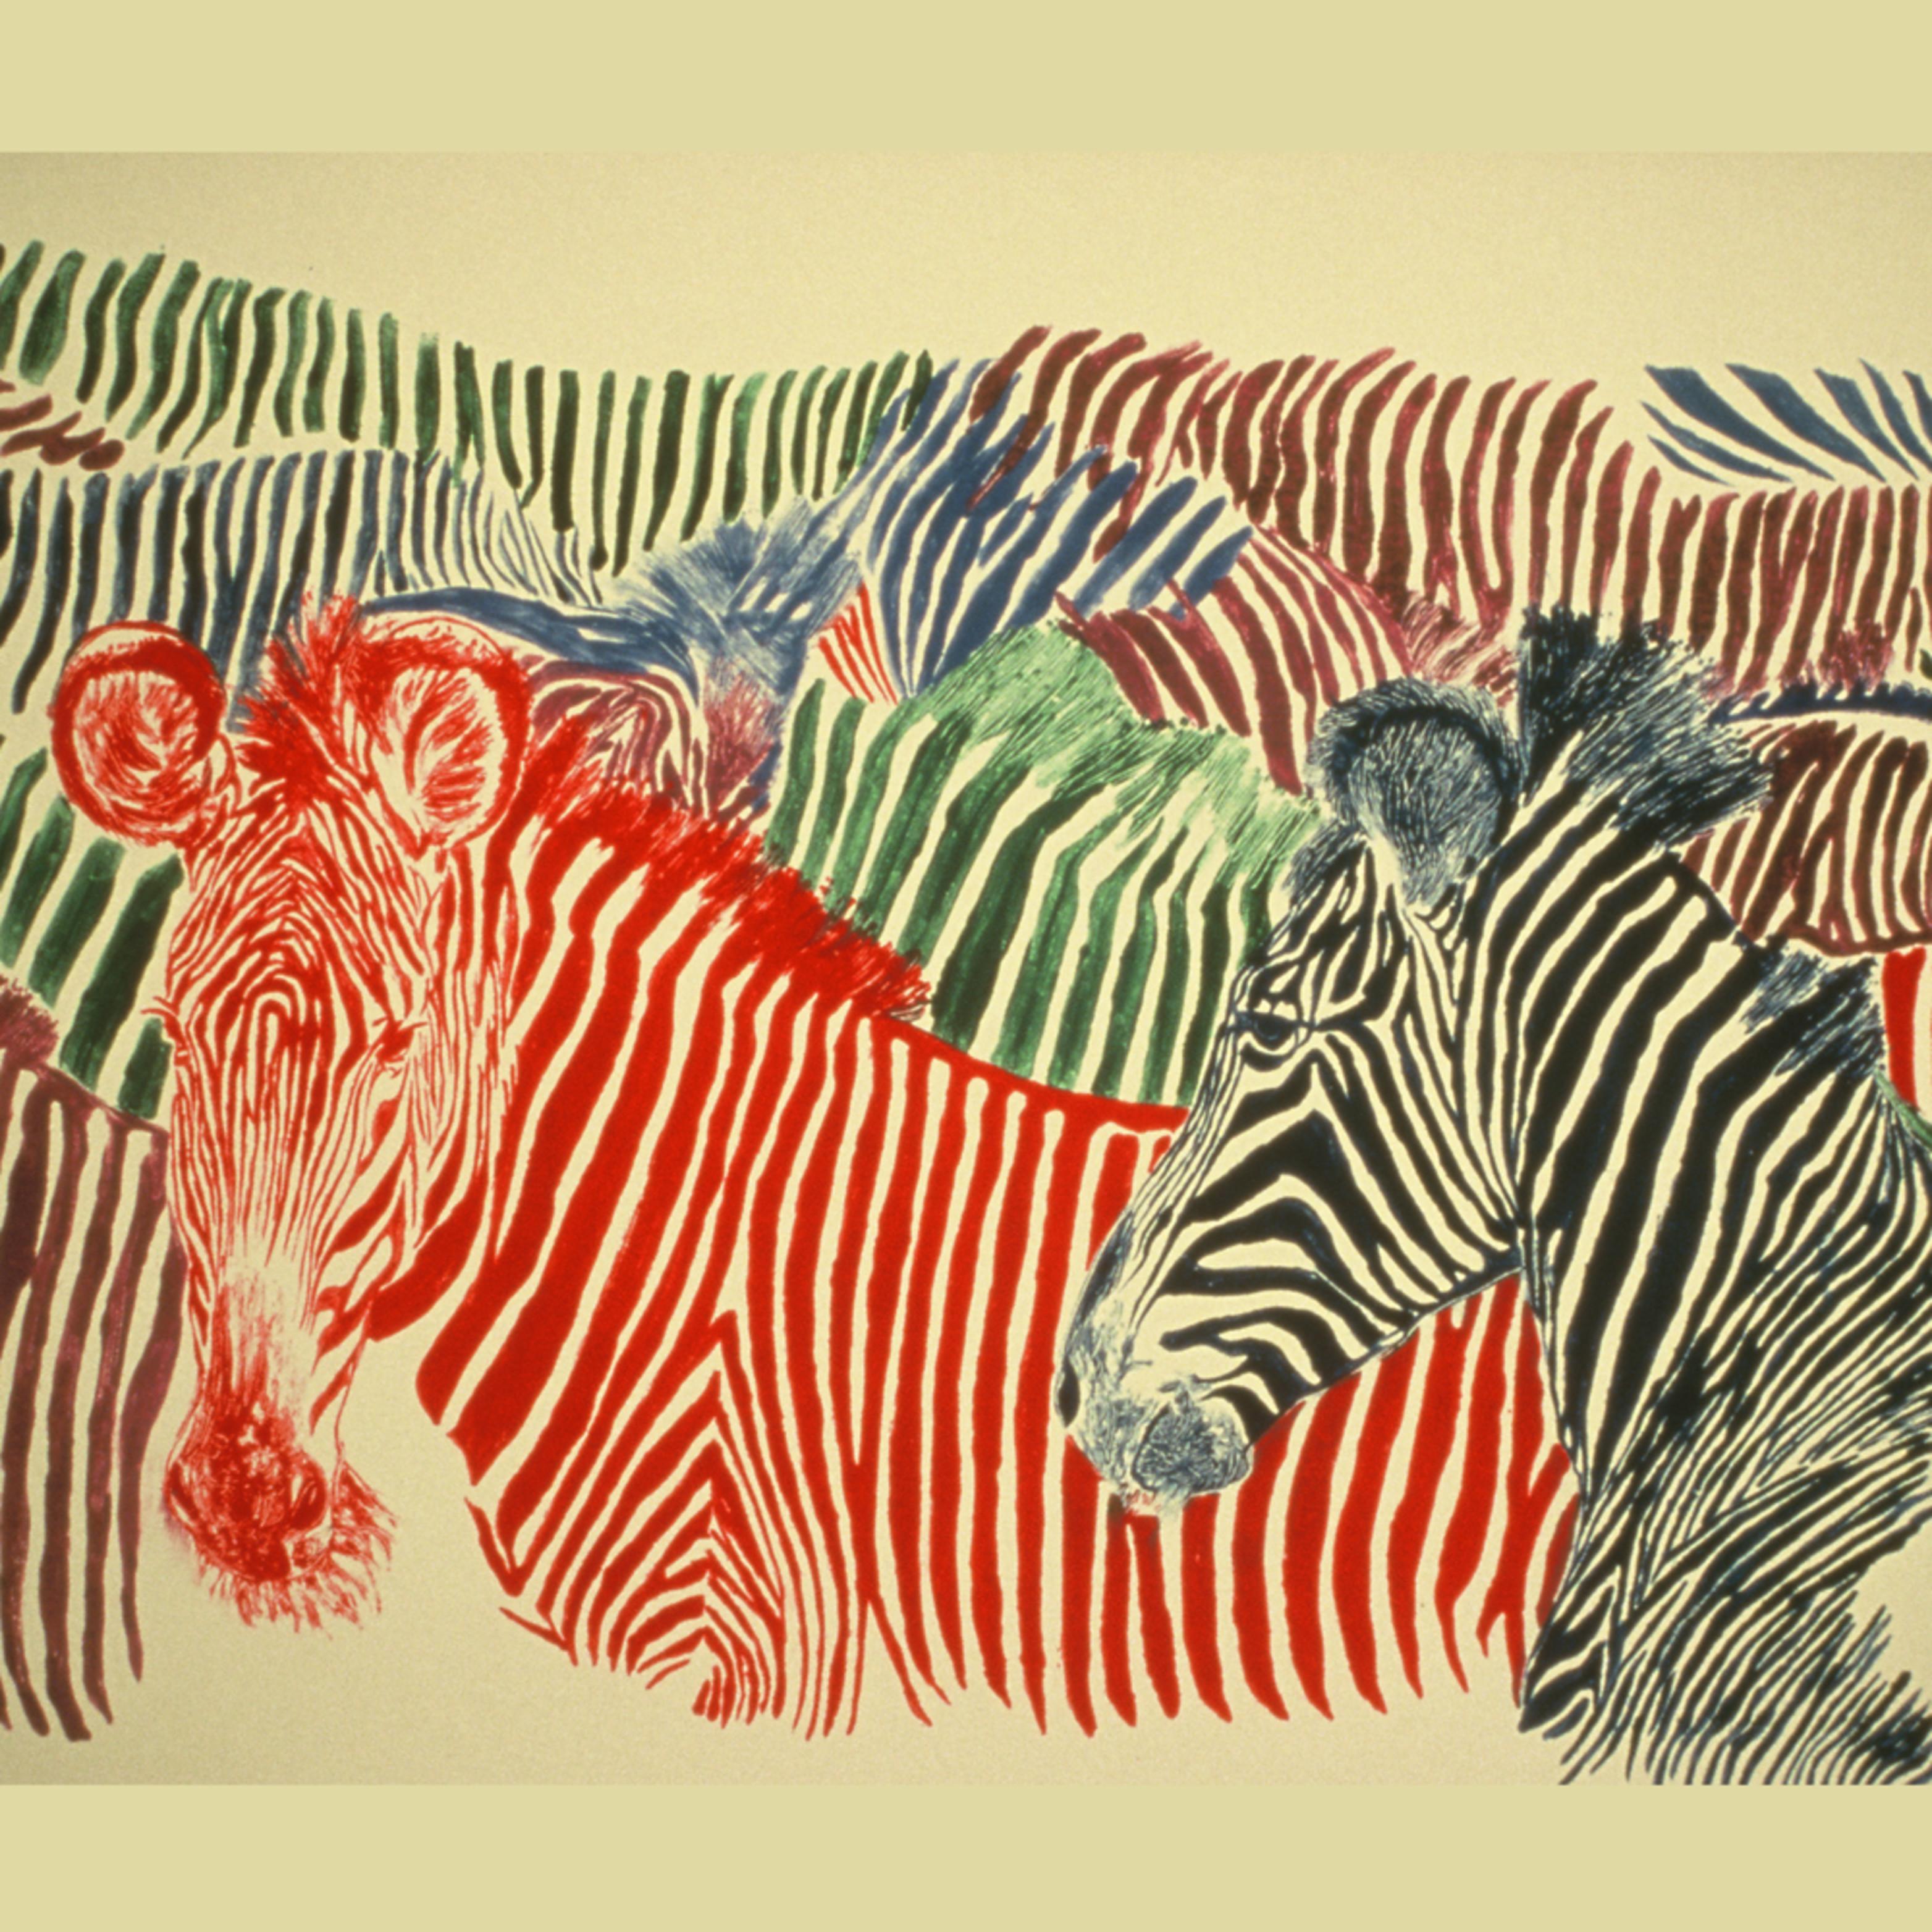 Dee van houten zebra colorstripes monotype gpdybz